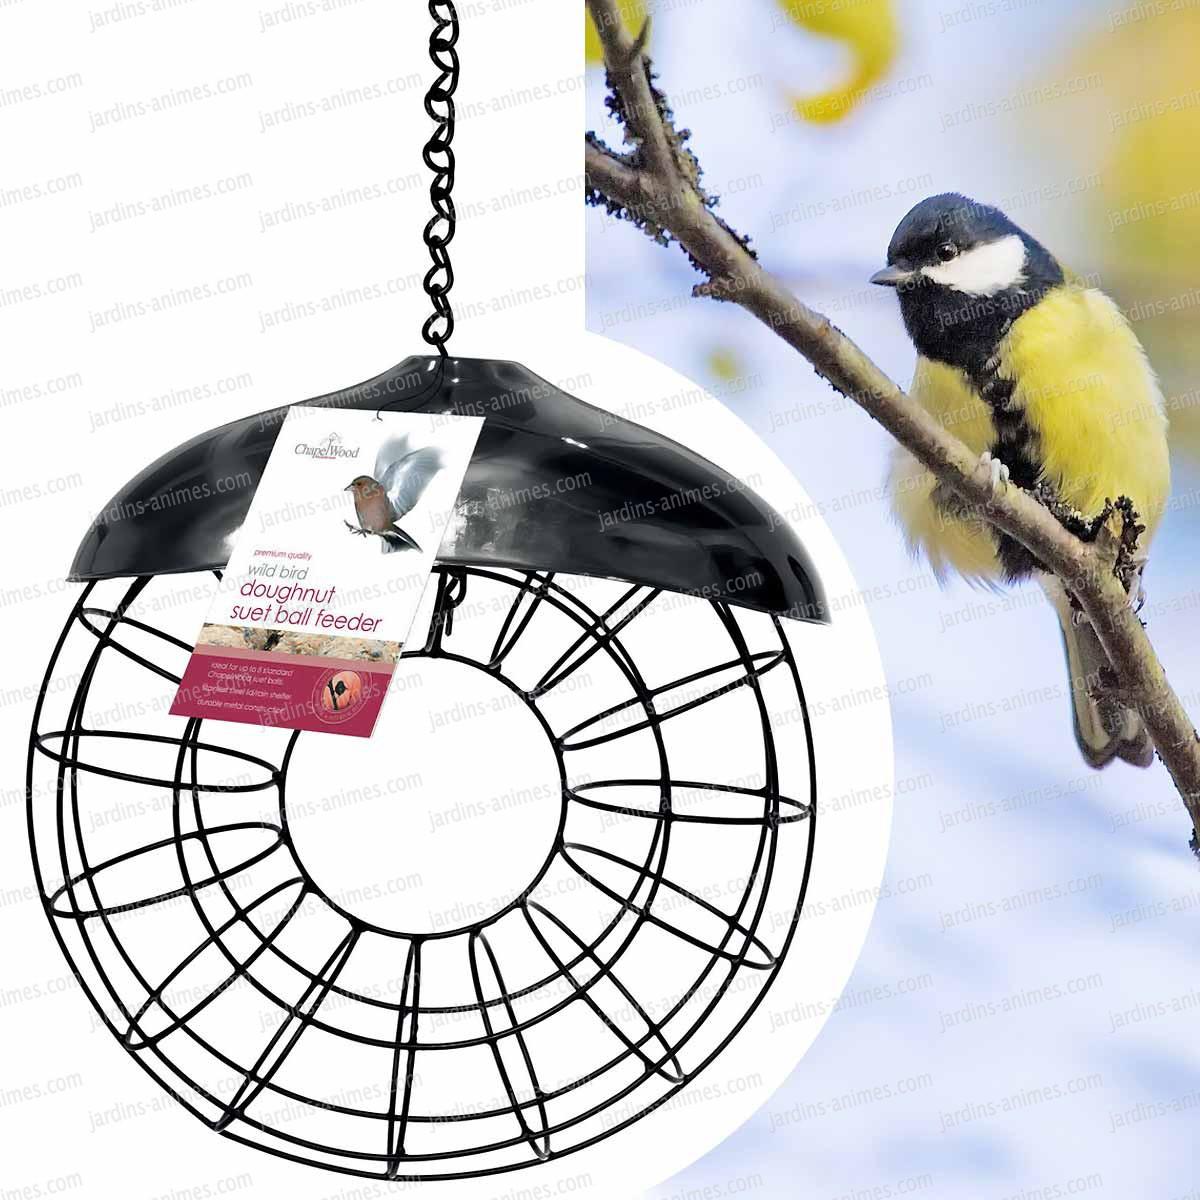 Distributeur rond de boules de graisse pour oiseau - Boule de graisse oiseau ...